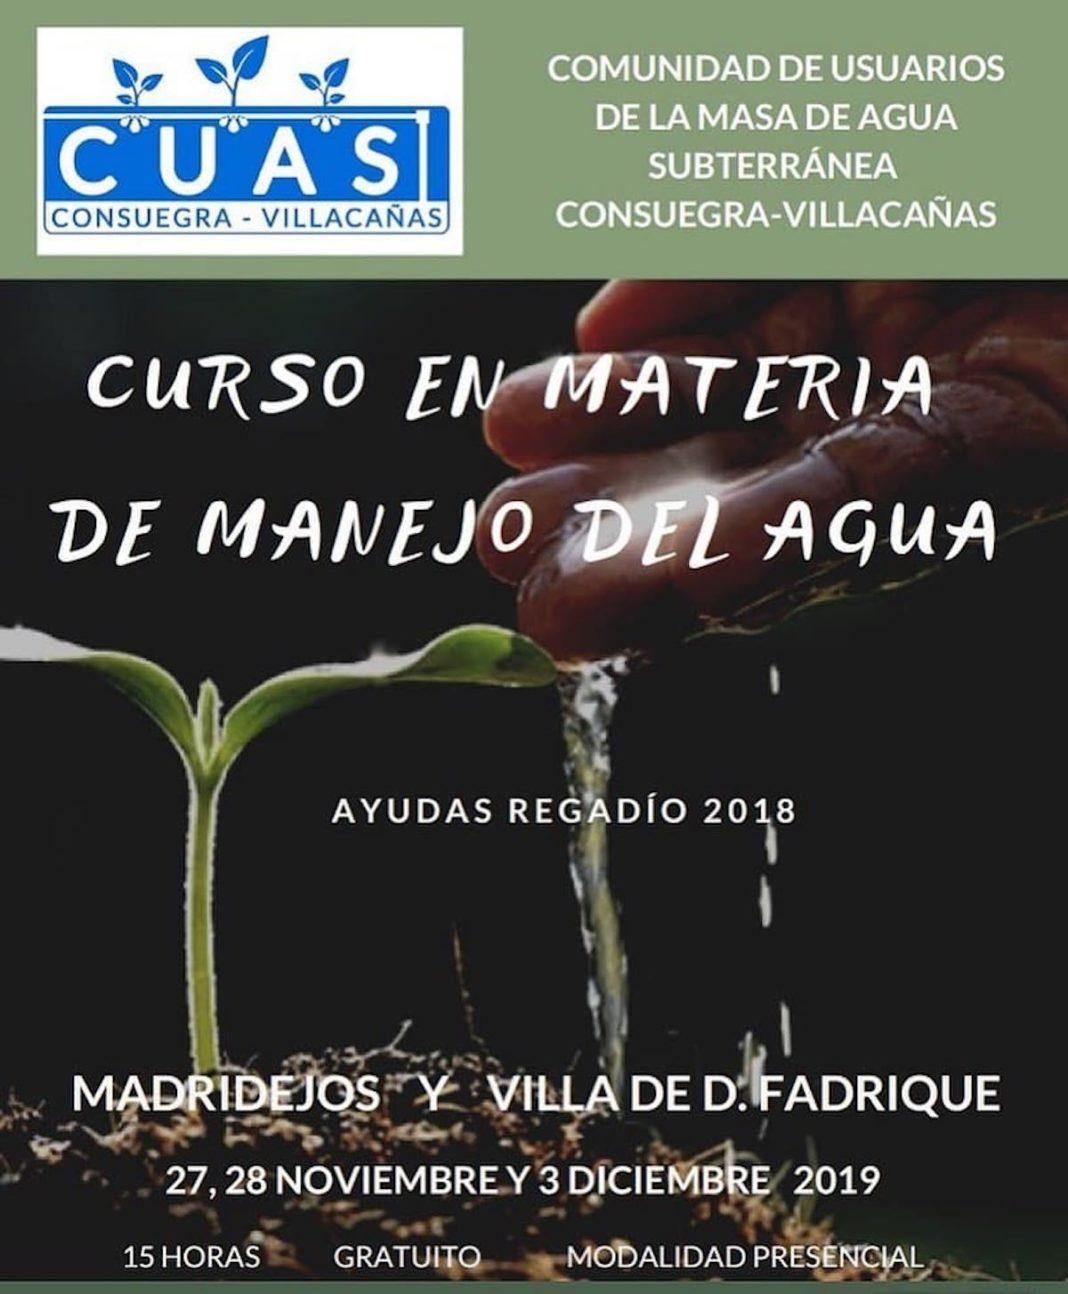 CUAS organiza un curso en Materia de Manejo del Agua 4